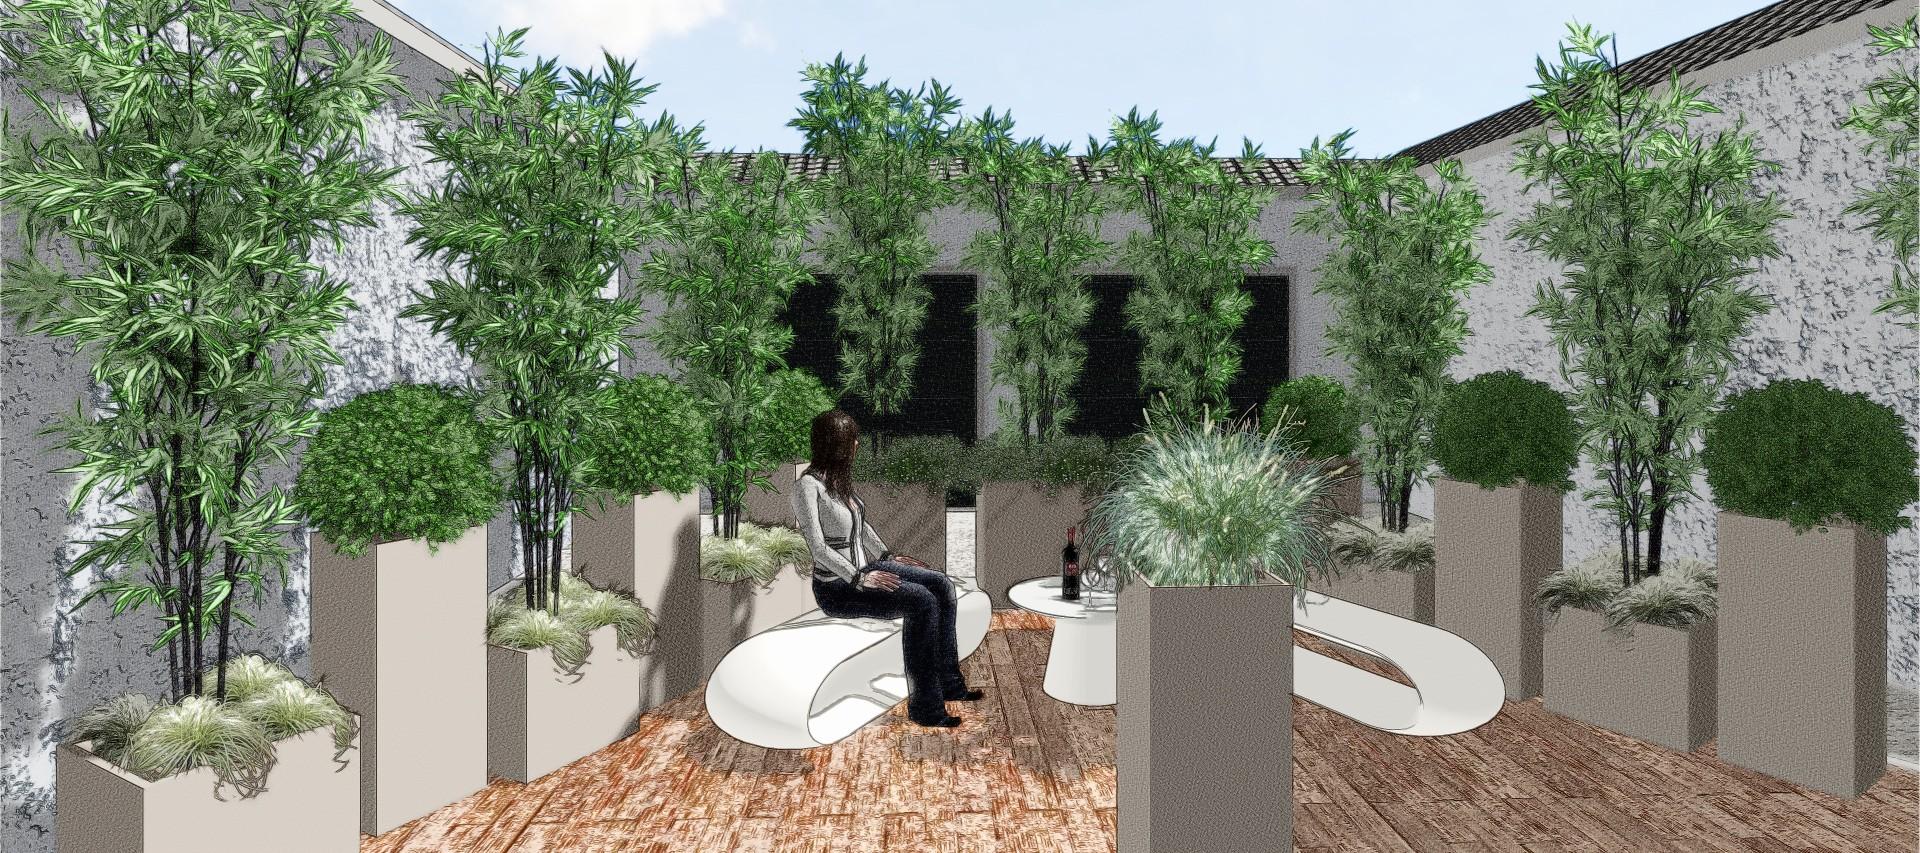 Manutenzione Giardini Milano E Provincia progettazione giardini e terrazzi milano e provincia